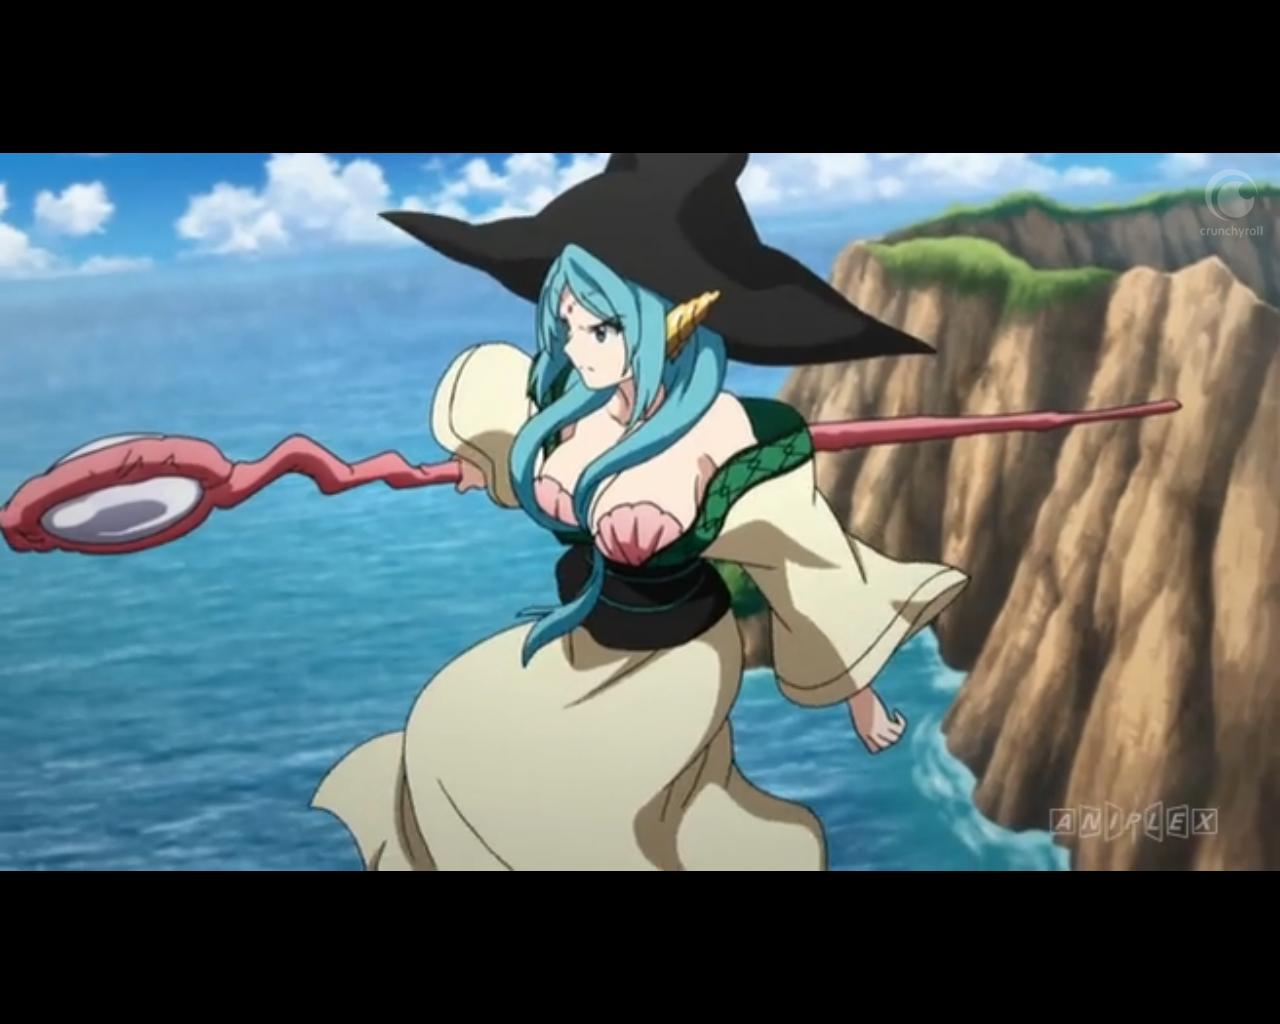 картинки аниме маги: